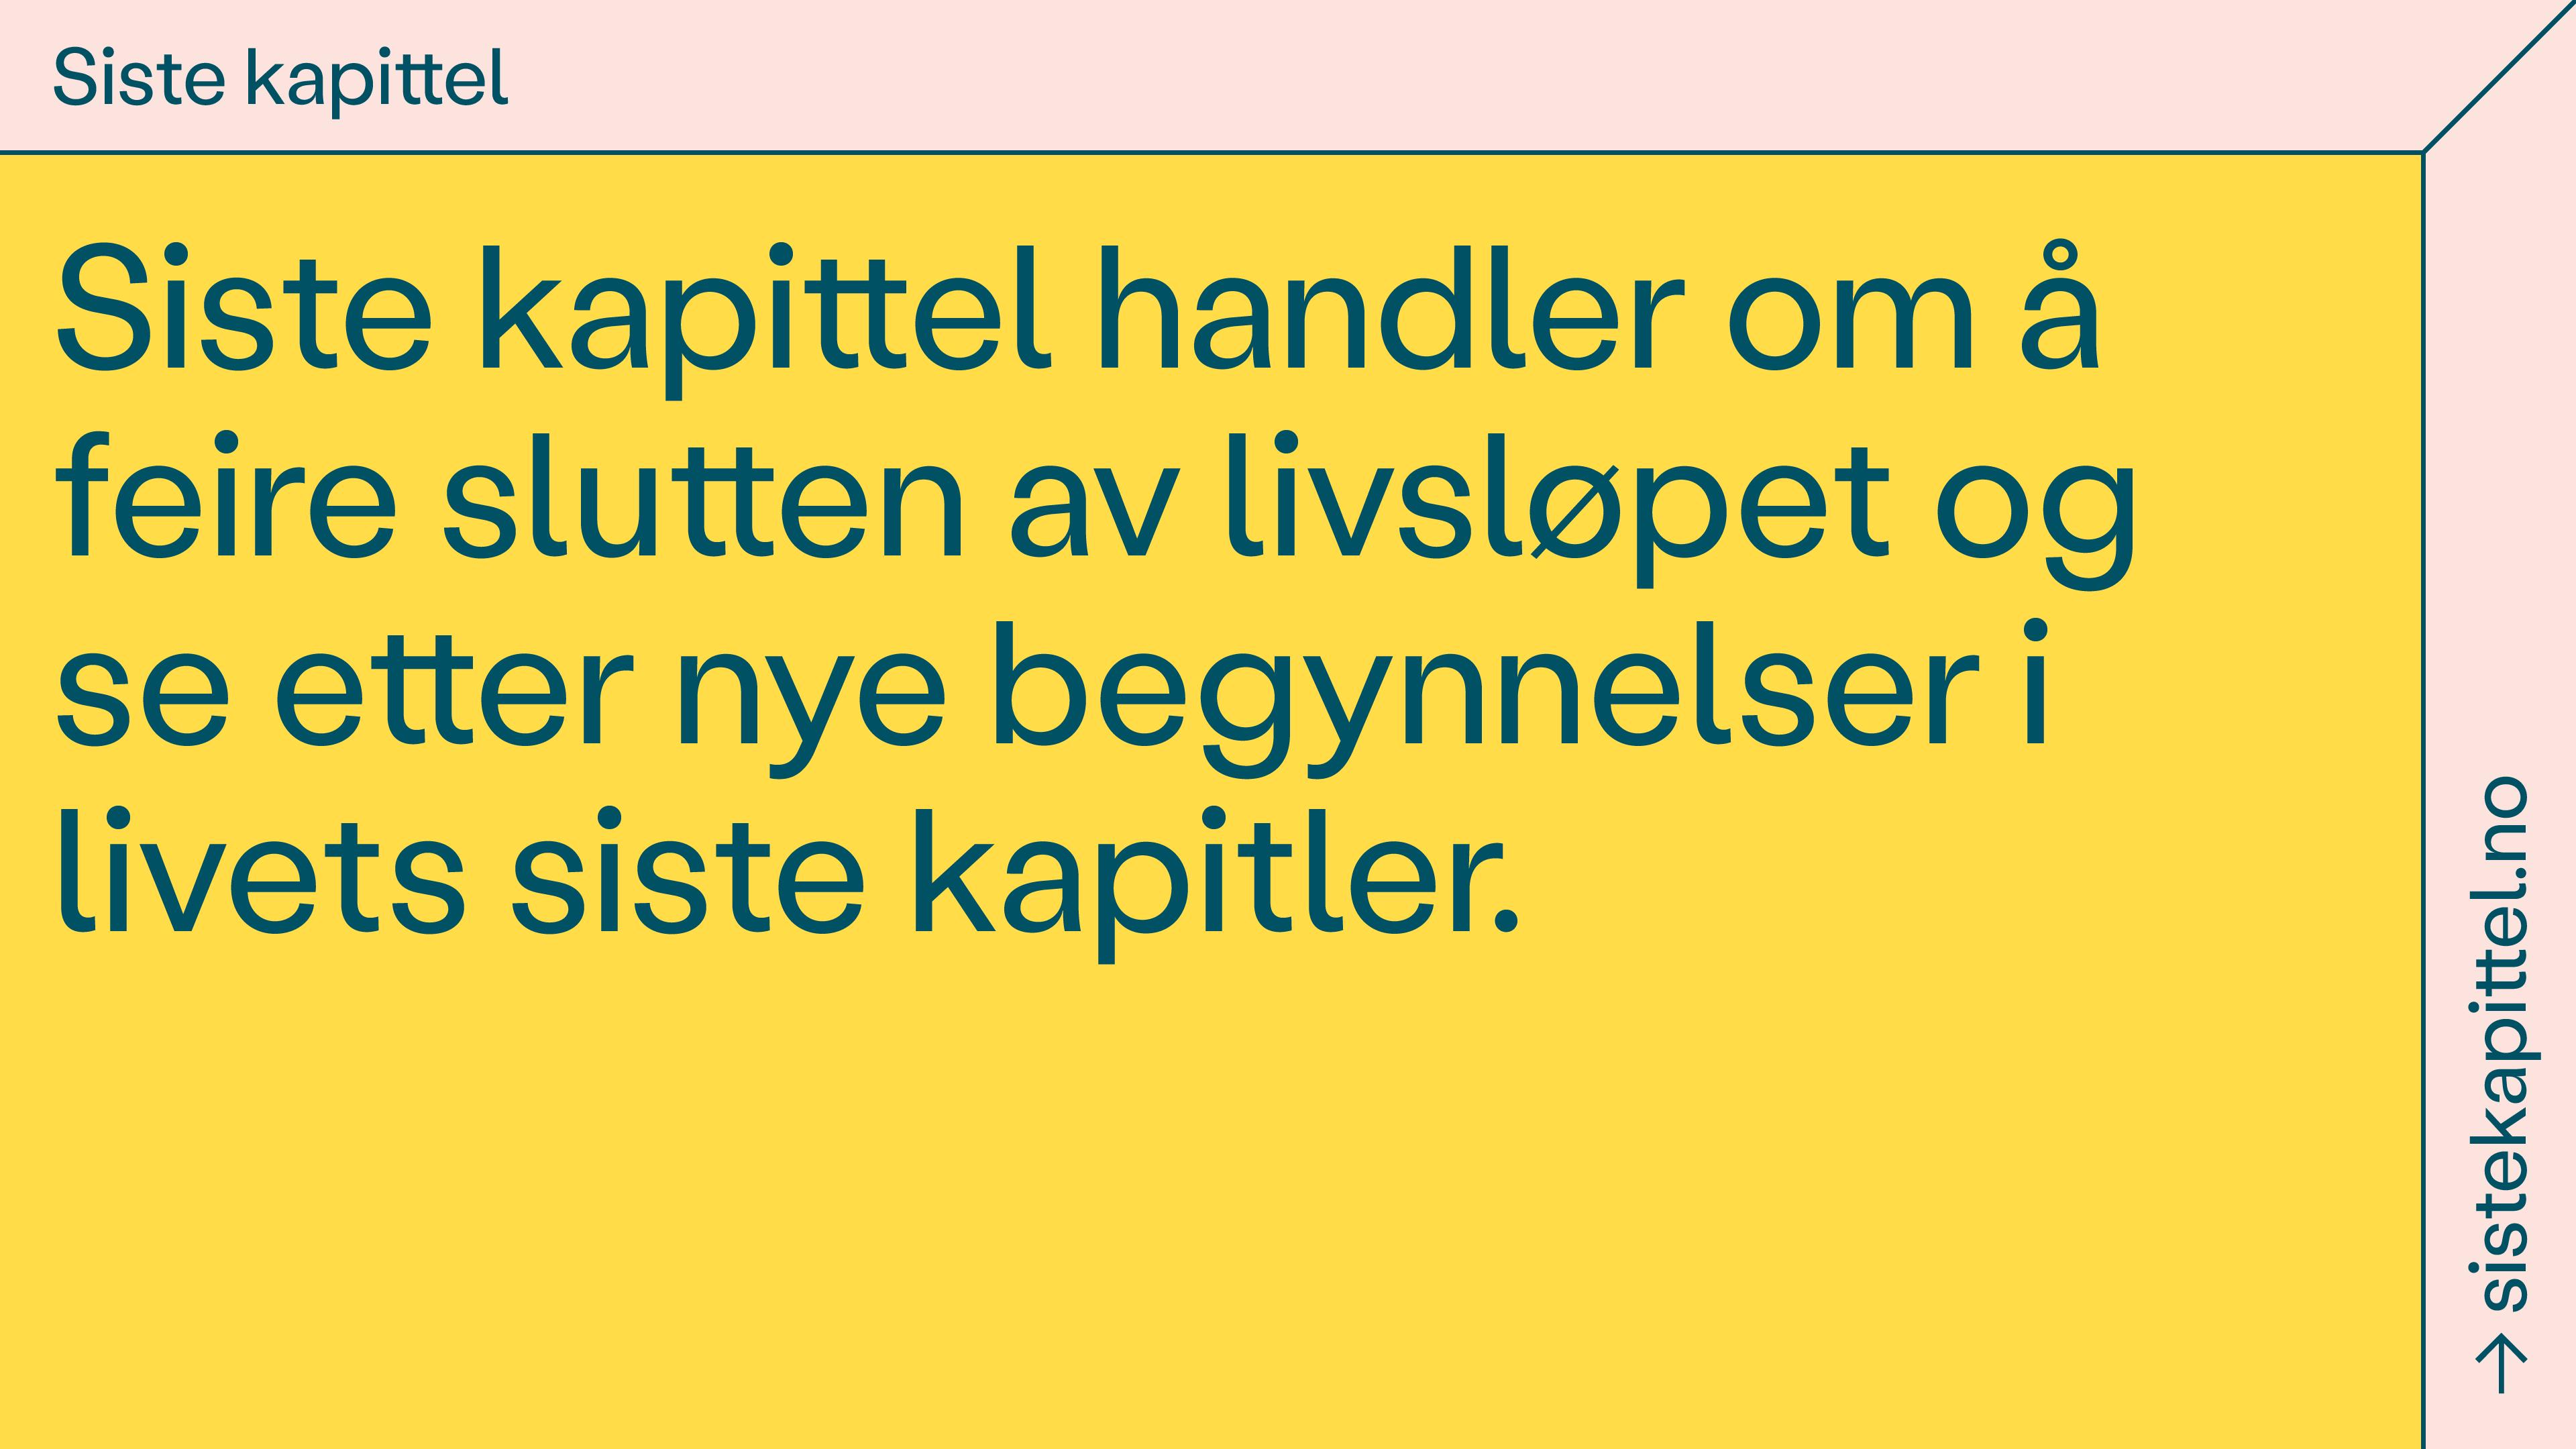 Siste_kapittel_02